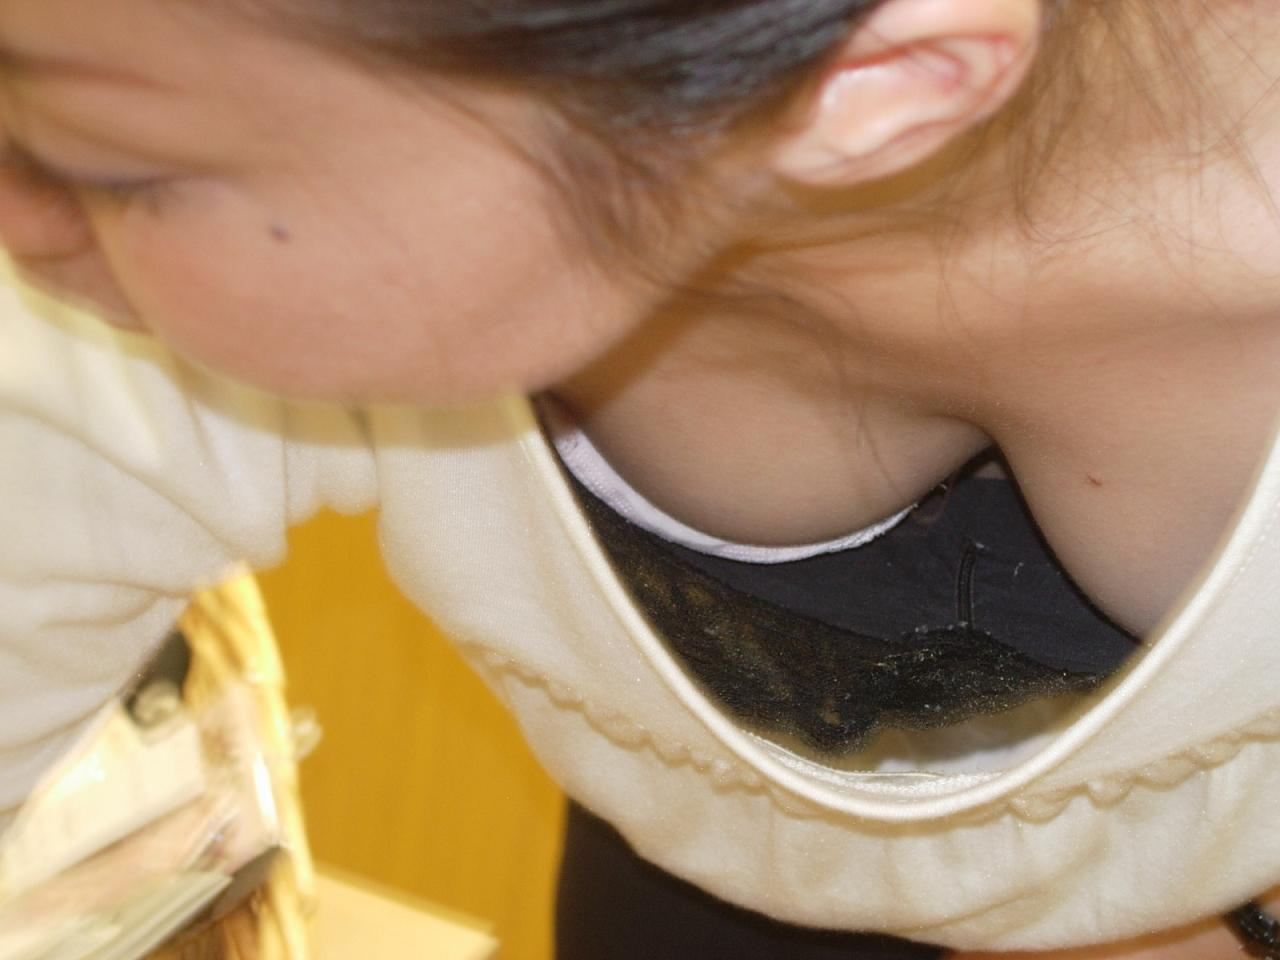 乳房や乳首が垣間見えた (15)